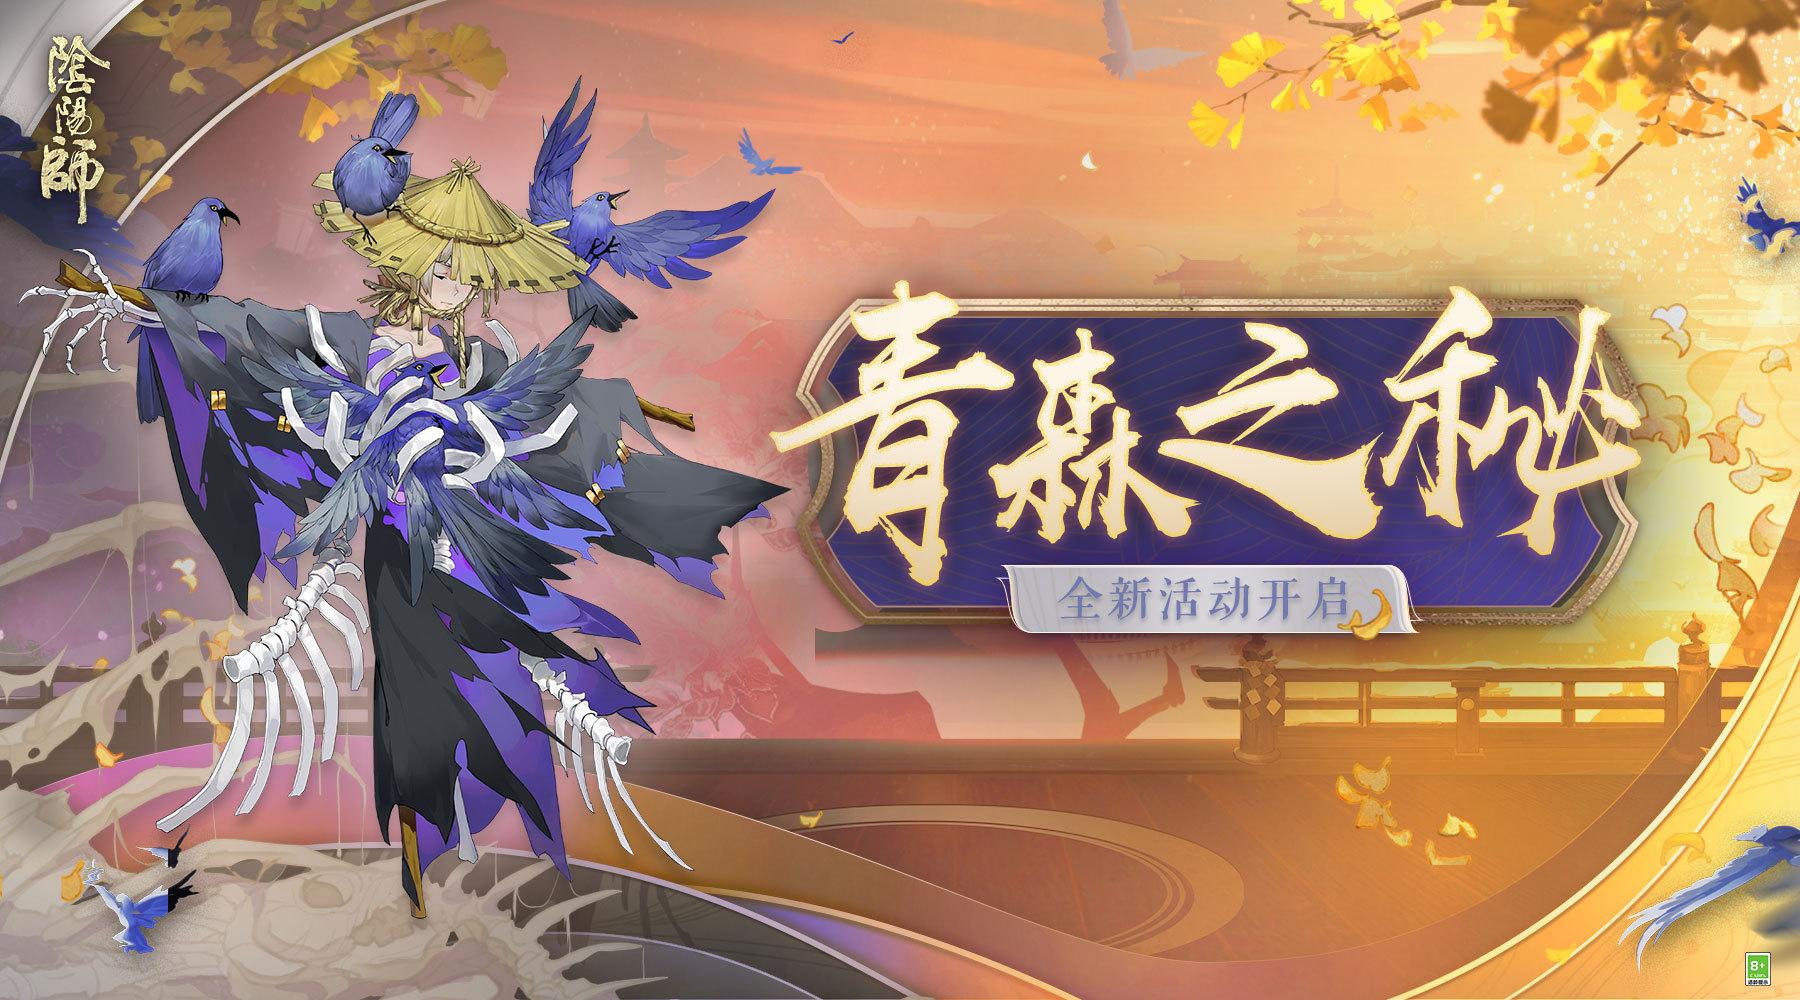 《阴阳师》全新版本活动青森之秘开启!